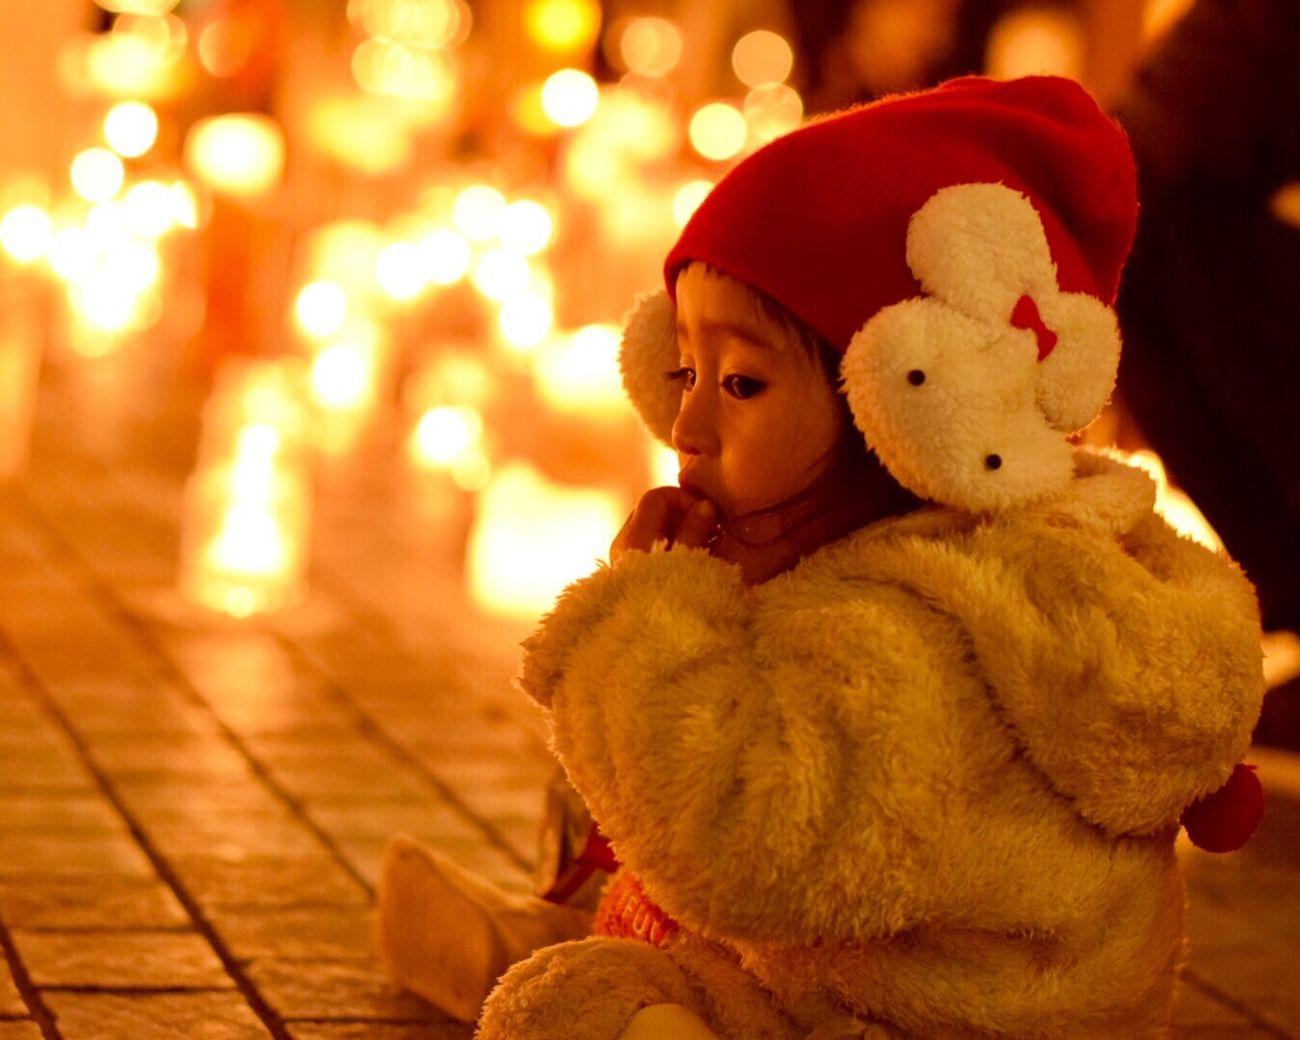 女の子 まつ毛 ながーい💕 可愛い うさぎ キャンドル Candle Night Candle キャンドルナイト Girl モコモコ EyeEmBestPics Eyemphotography Eyeem Market EyeEmBestEdits EyeEm Best Shots EyeEm Japan EyeEm Gallery EyeEm 2016 12月 1/fのゆらぎ